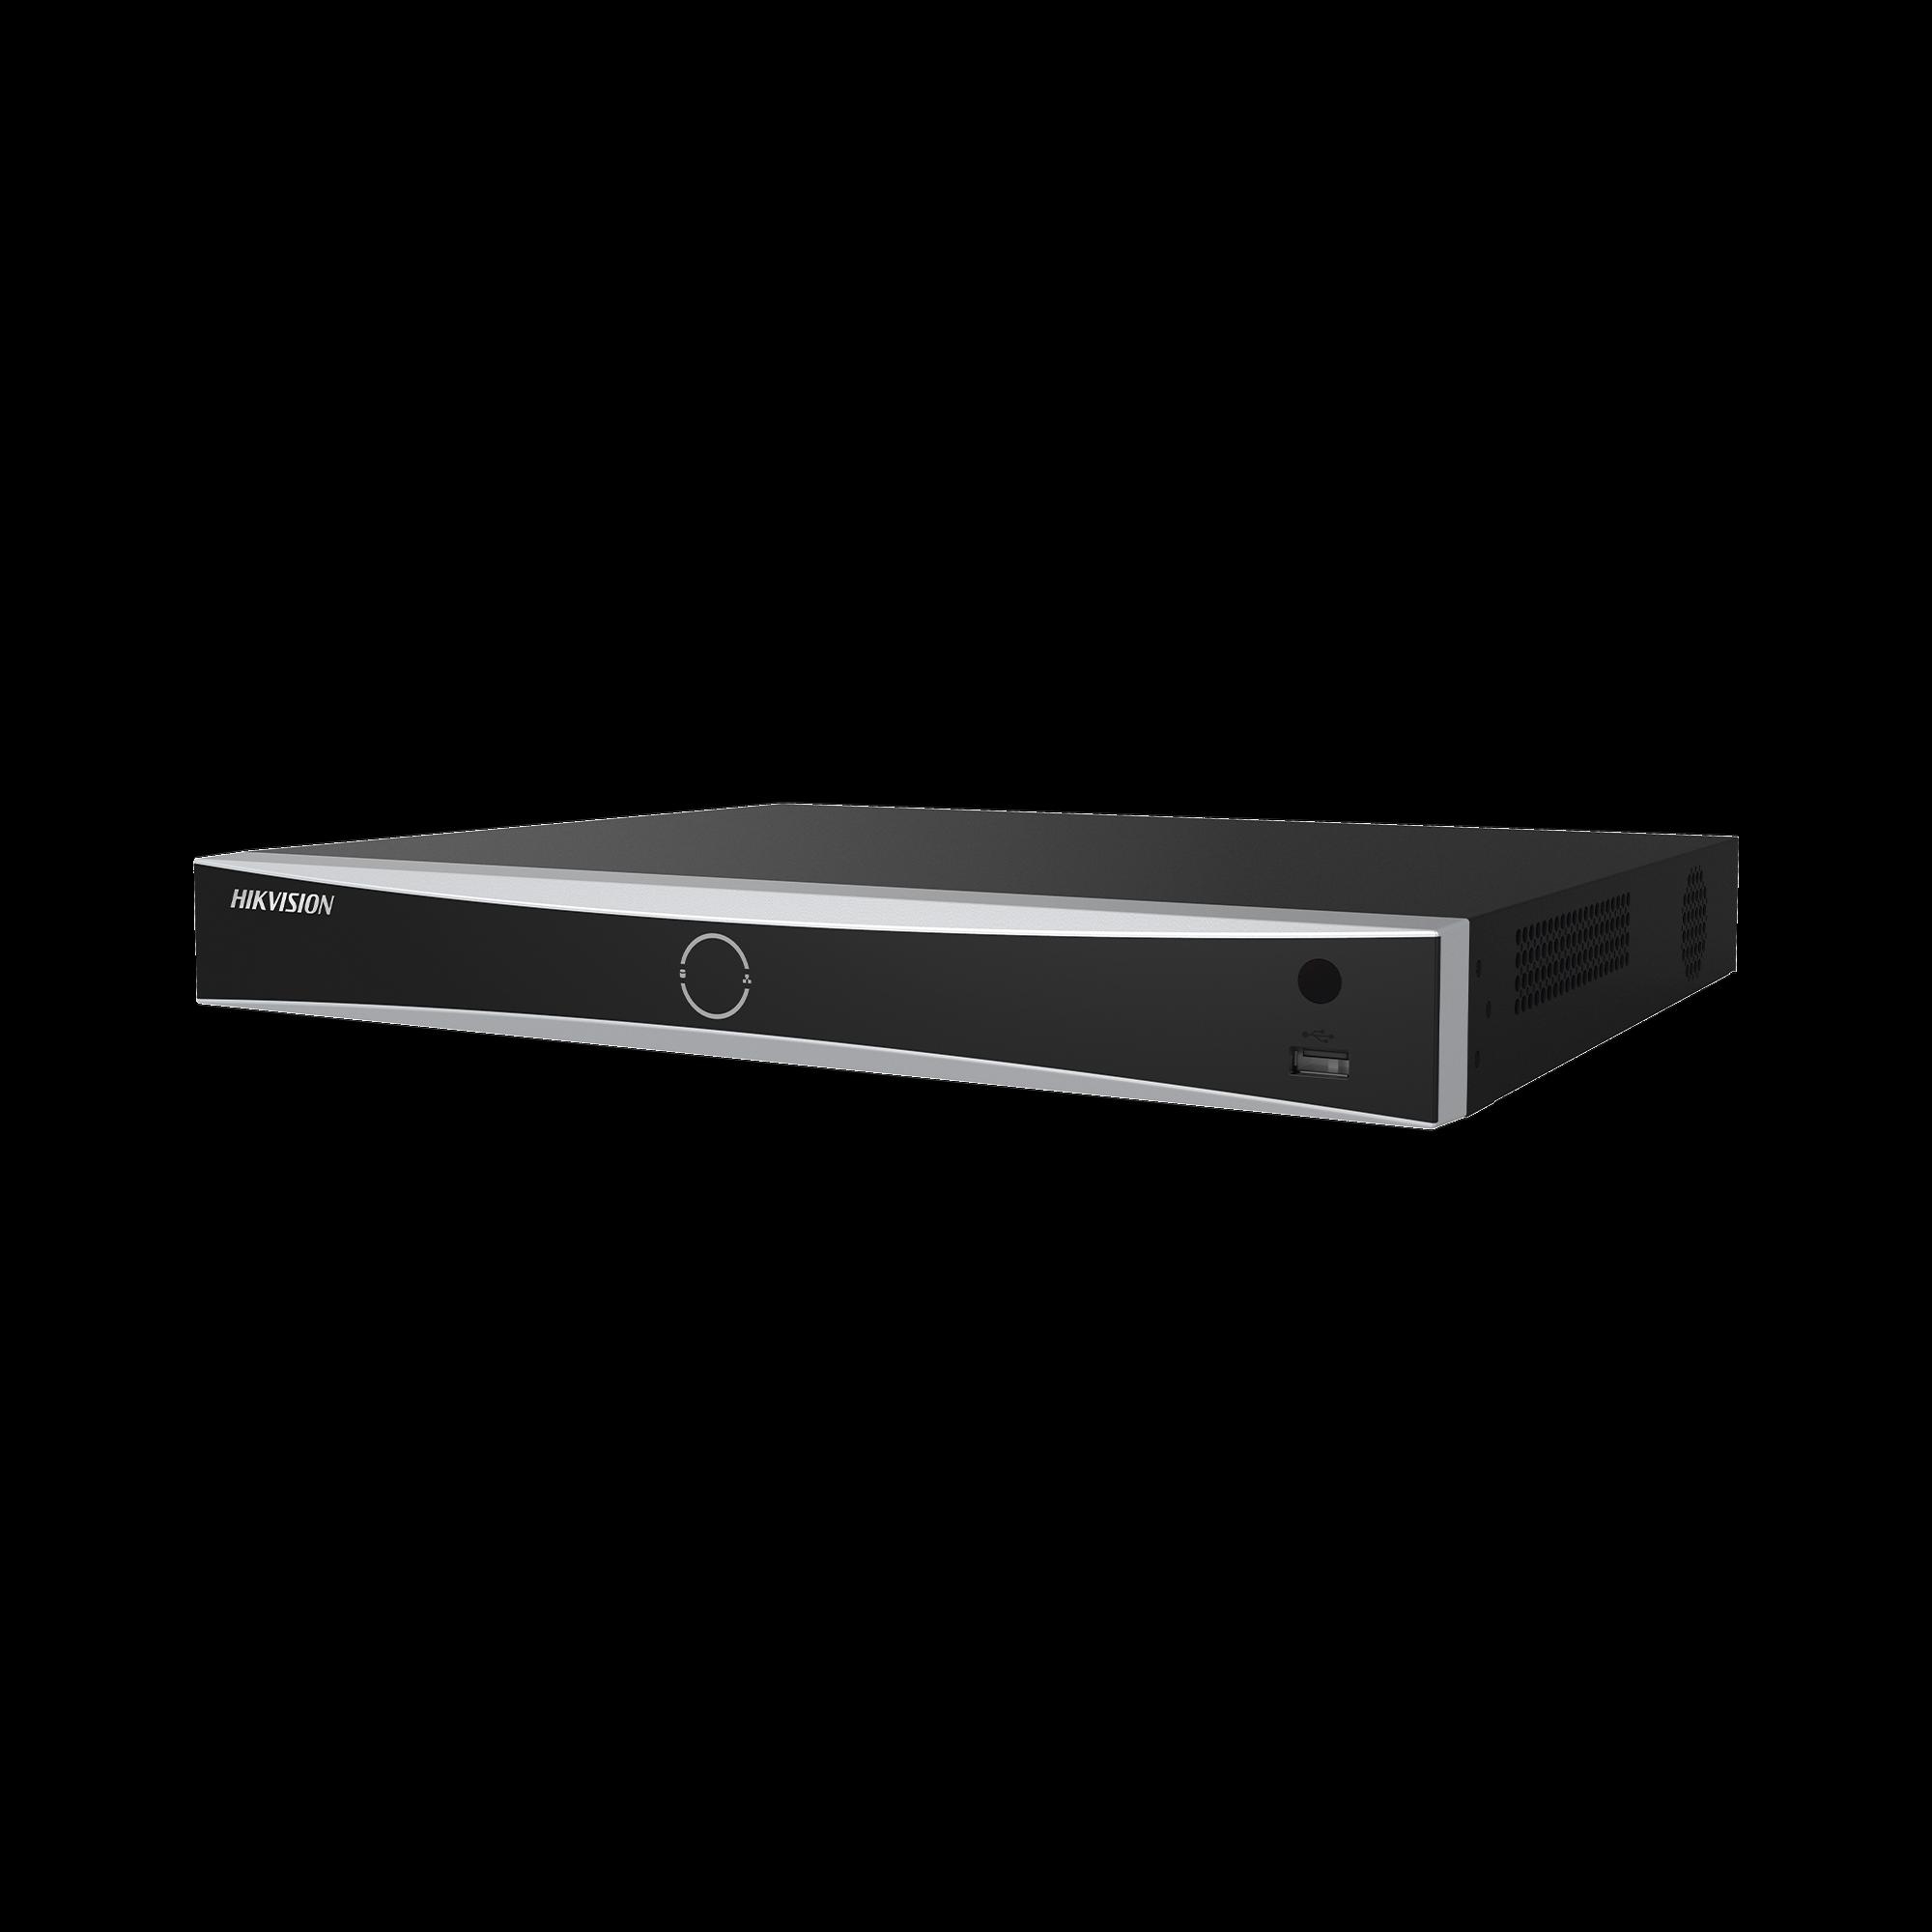 (ACUSENSE / Evita Falsas Alarmas) NVR 12 Megapixel (4K) / Reconocimiento Facial / 16 Canales IP / Base de Datos / 16 Puertos PoE+ / 2 Bahías de Disco Duro